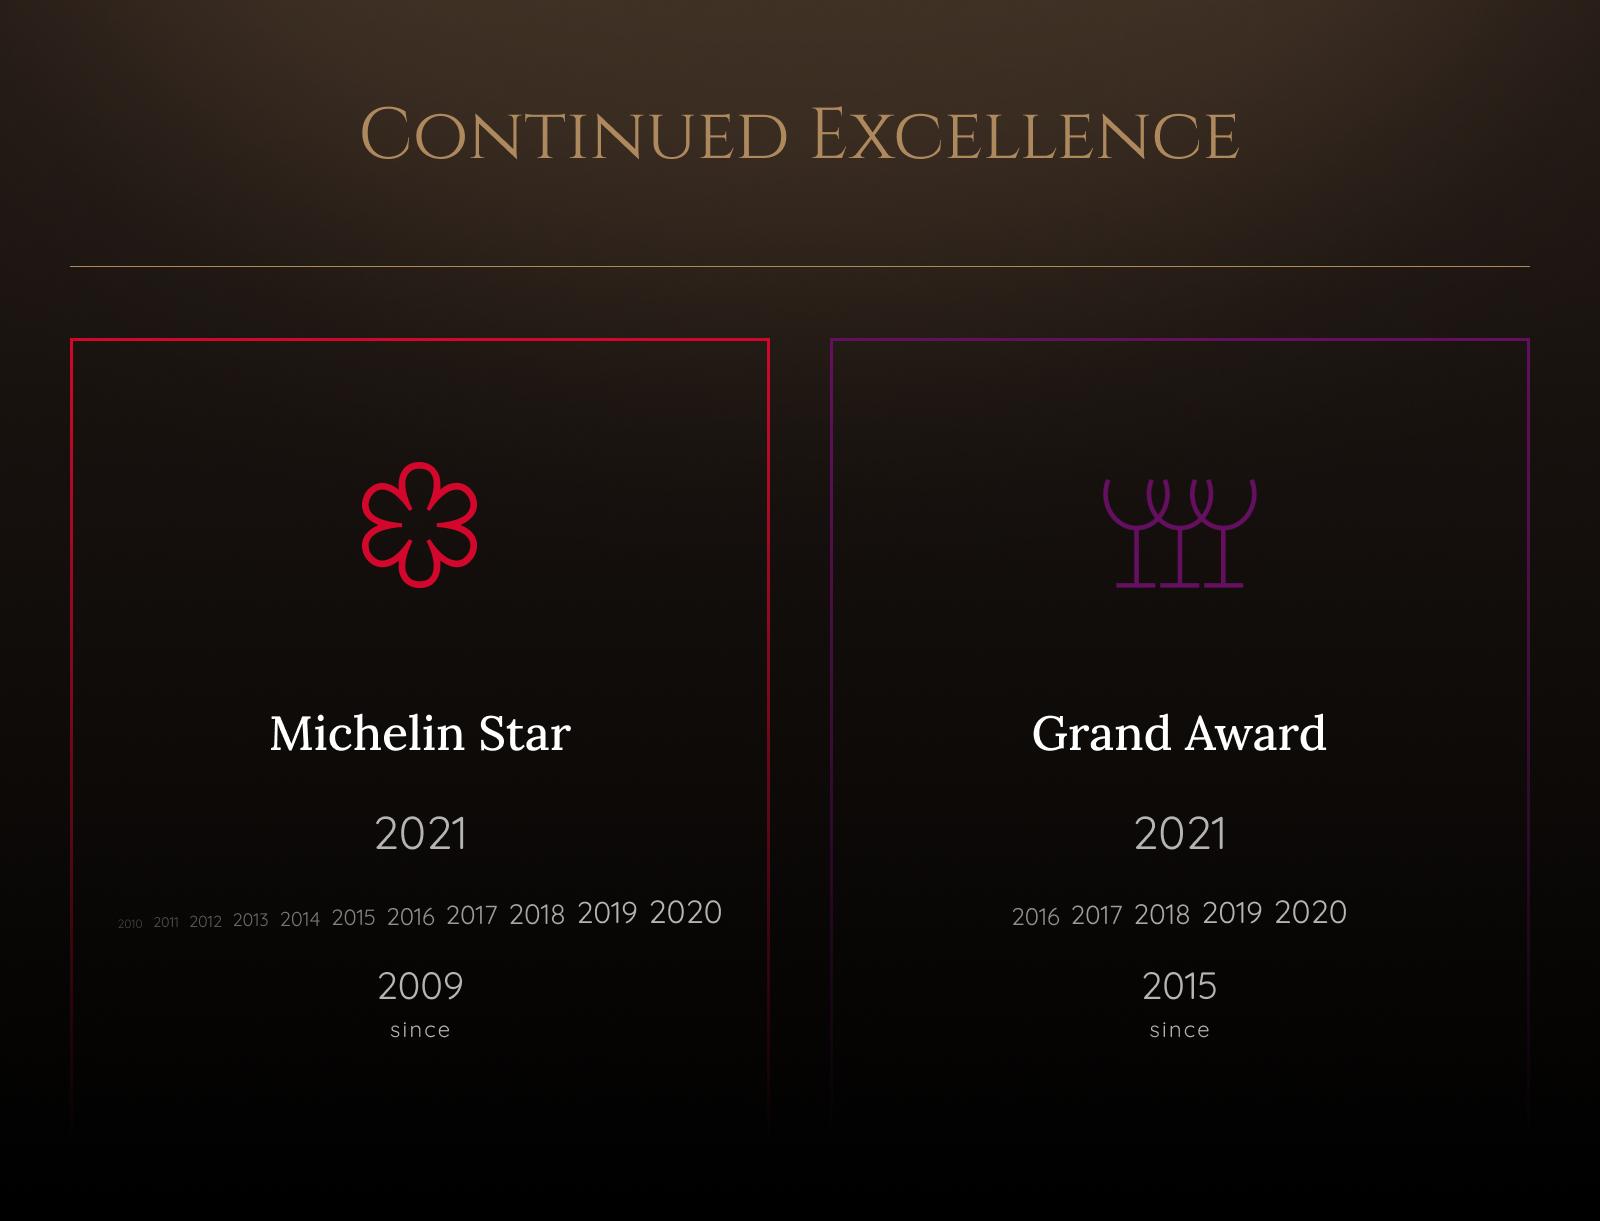 Michelin Star winner since 2009, Grand Award Winner since 2015